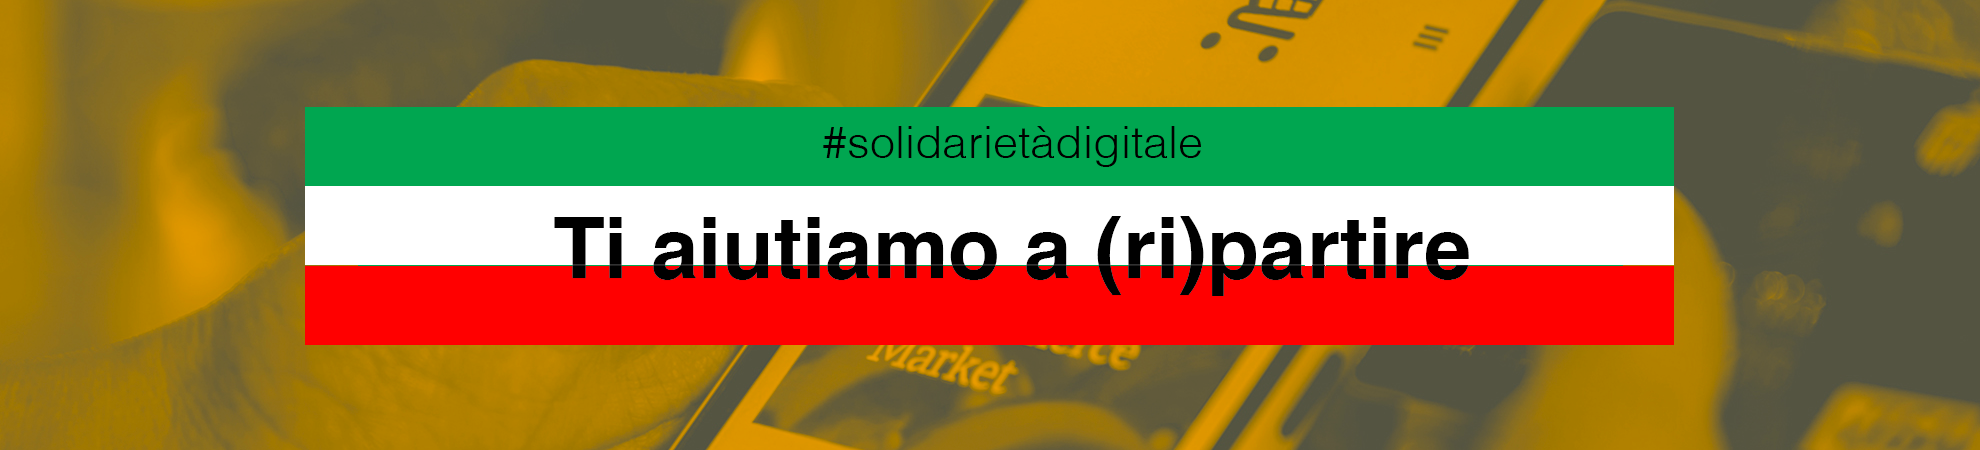 finanziamo-solidarieta-RIPARTIRE LANDING